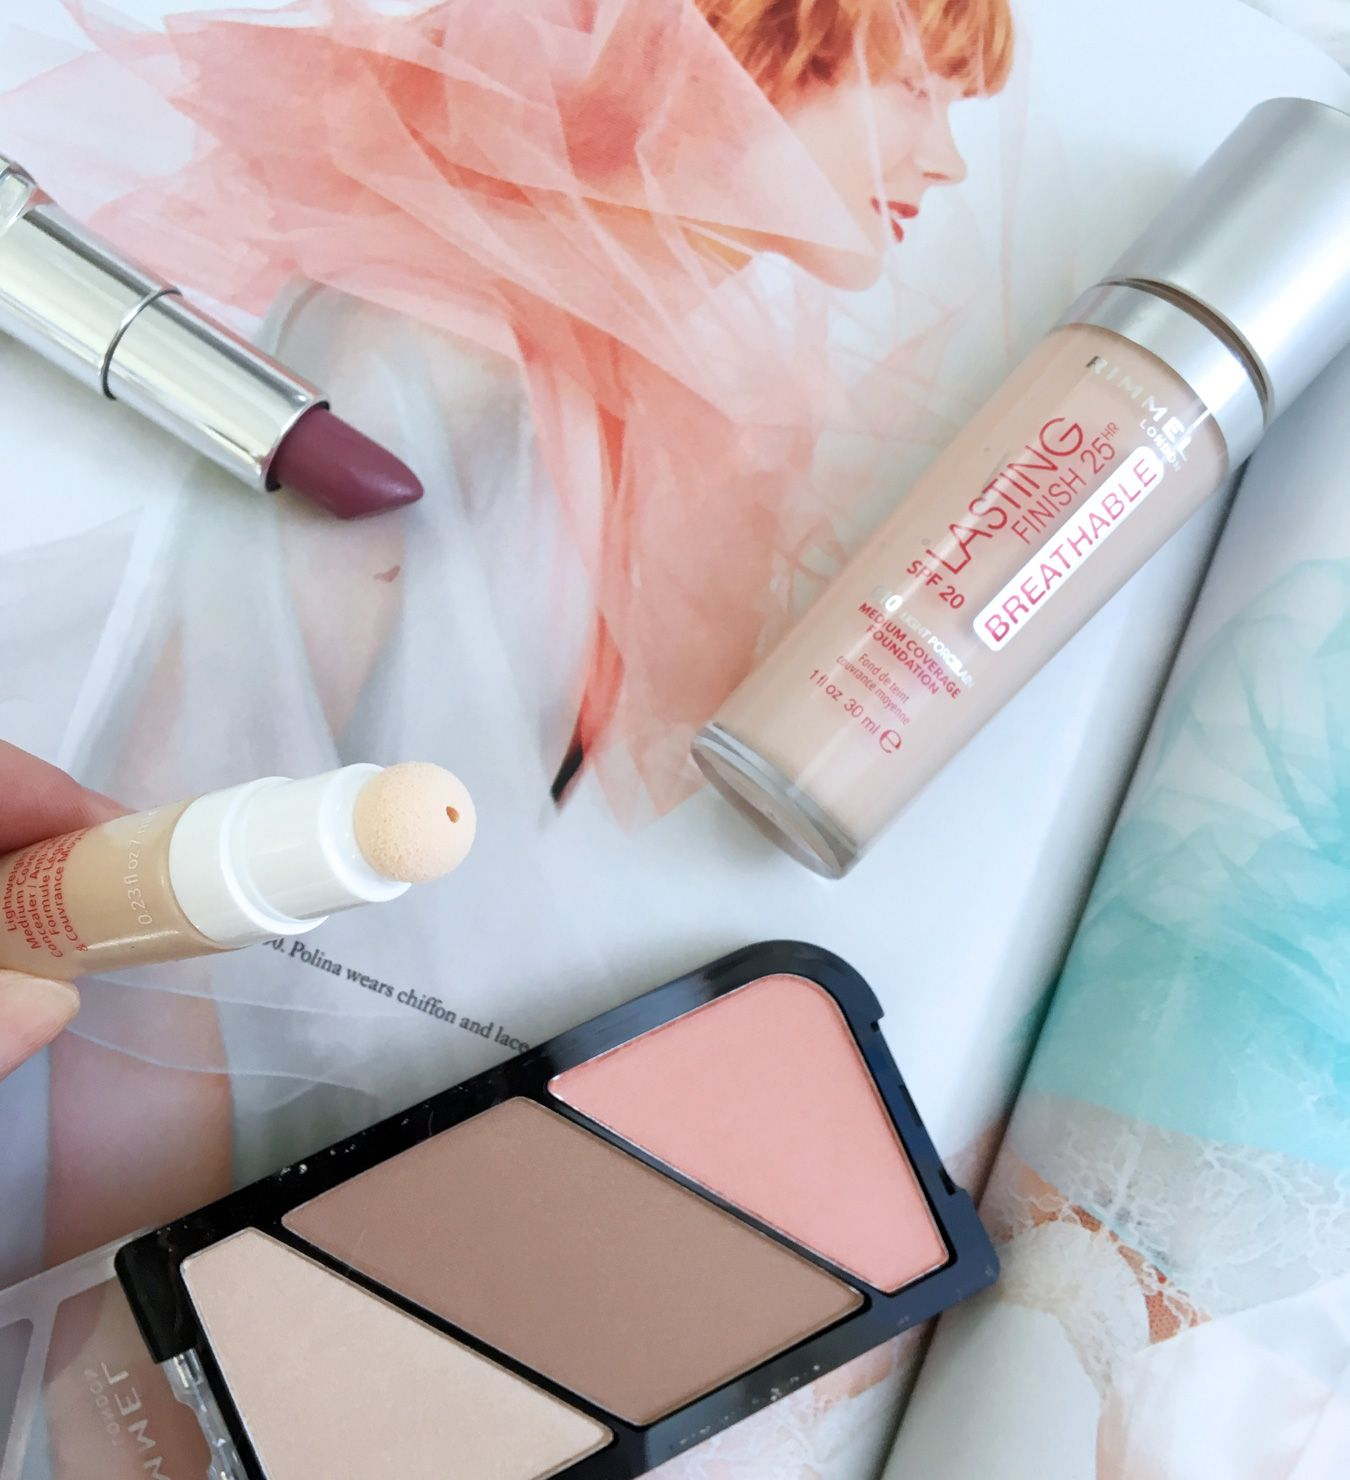 Foundation for Pale Skin Foundation for pale skin, Pale